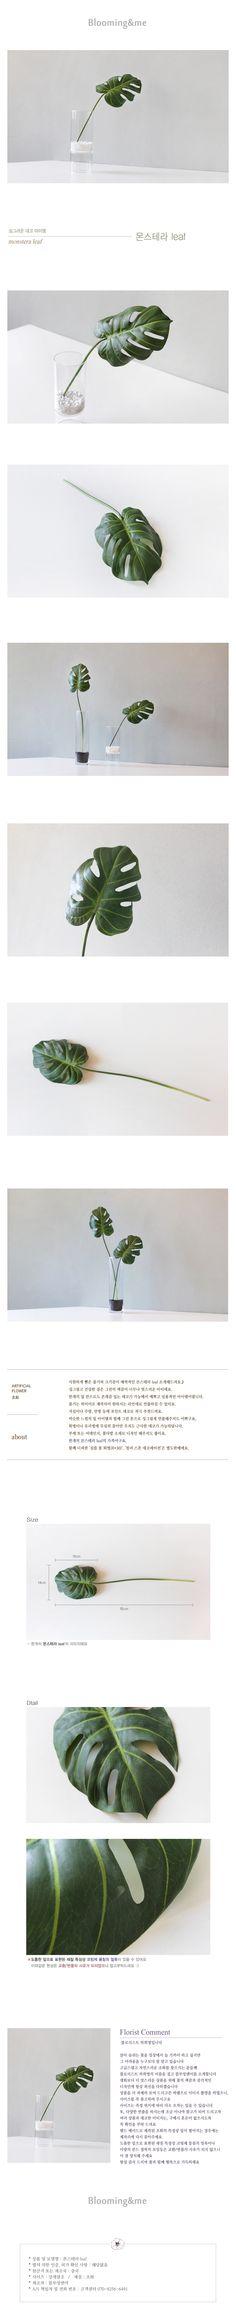 텐바이텐 10X10 : 몬스테라 leaf